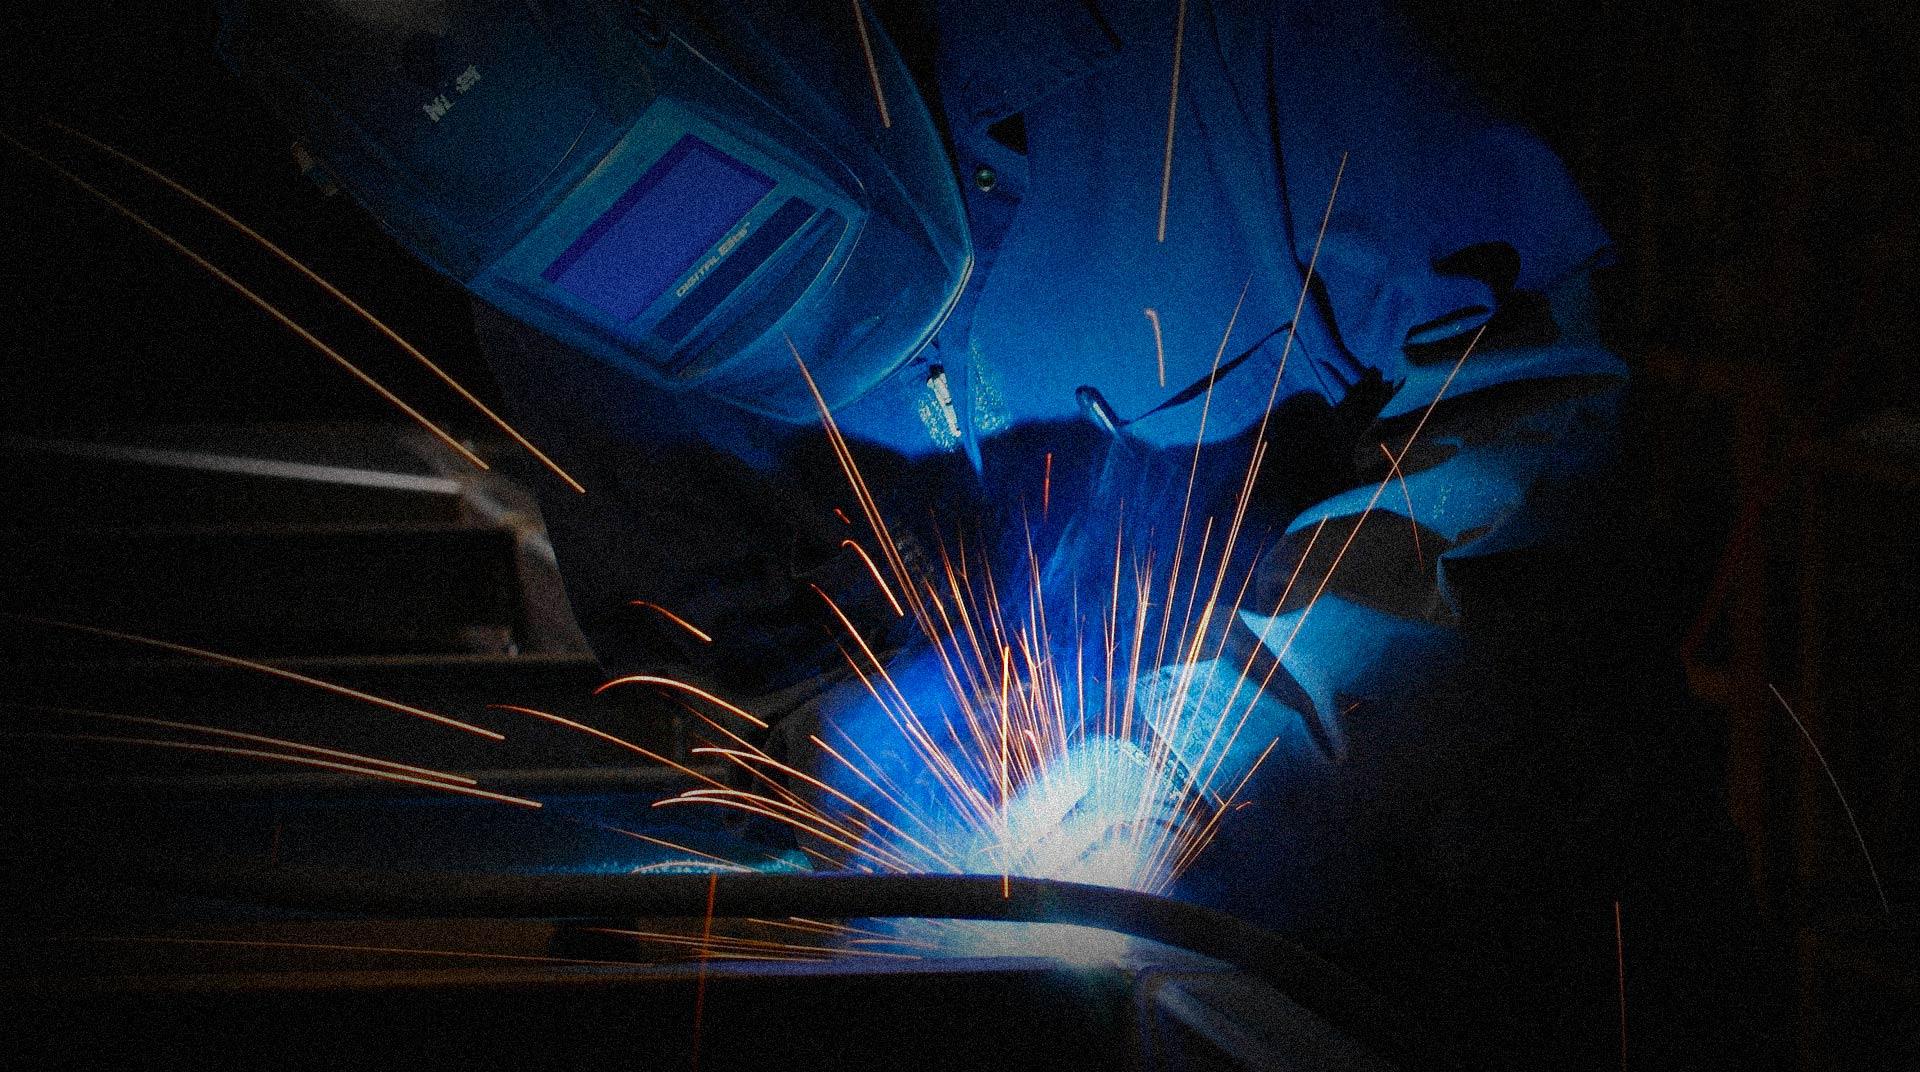 Lamp Arredo - Tecnologia produttiva e manualità